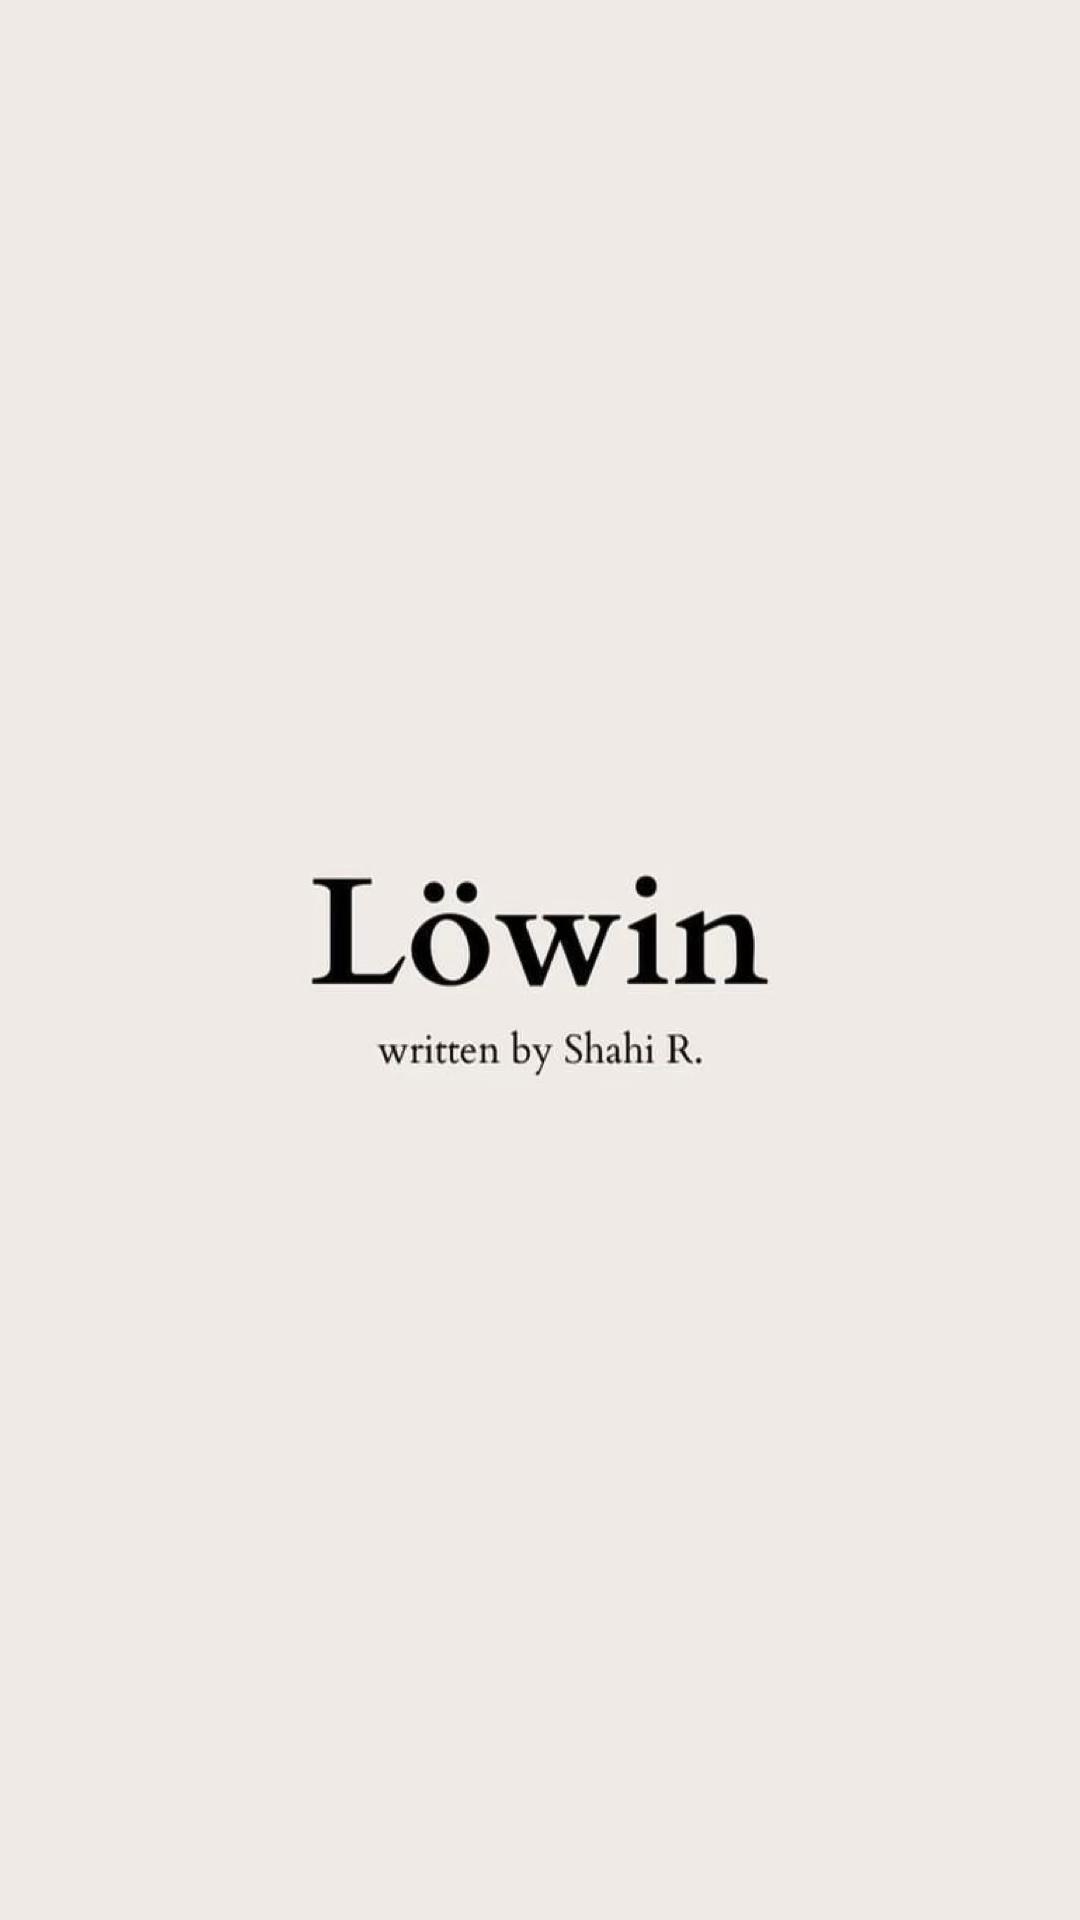 Löwin- Im Herzen einer starken Frau.🕊 | Jetzt auf Instagram